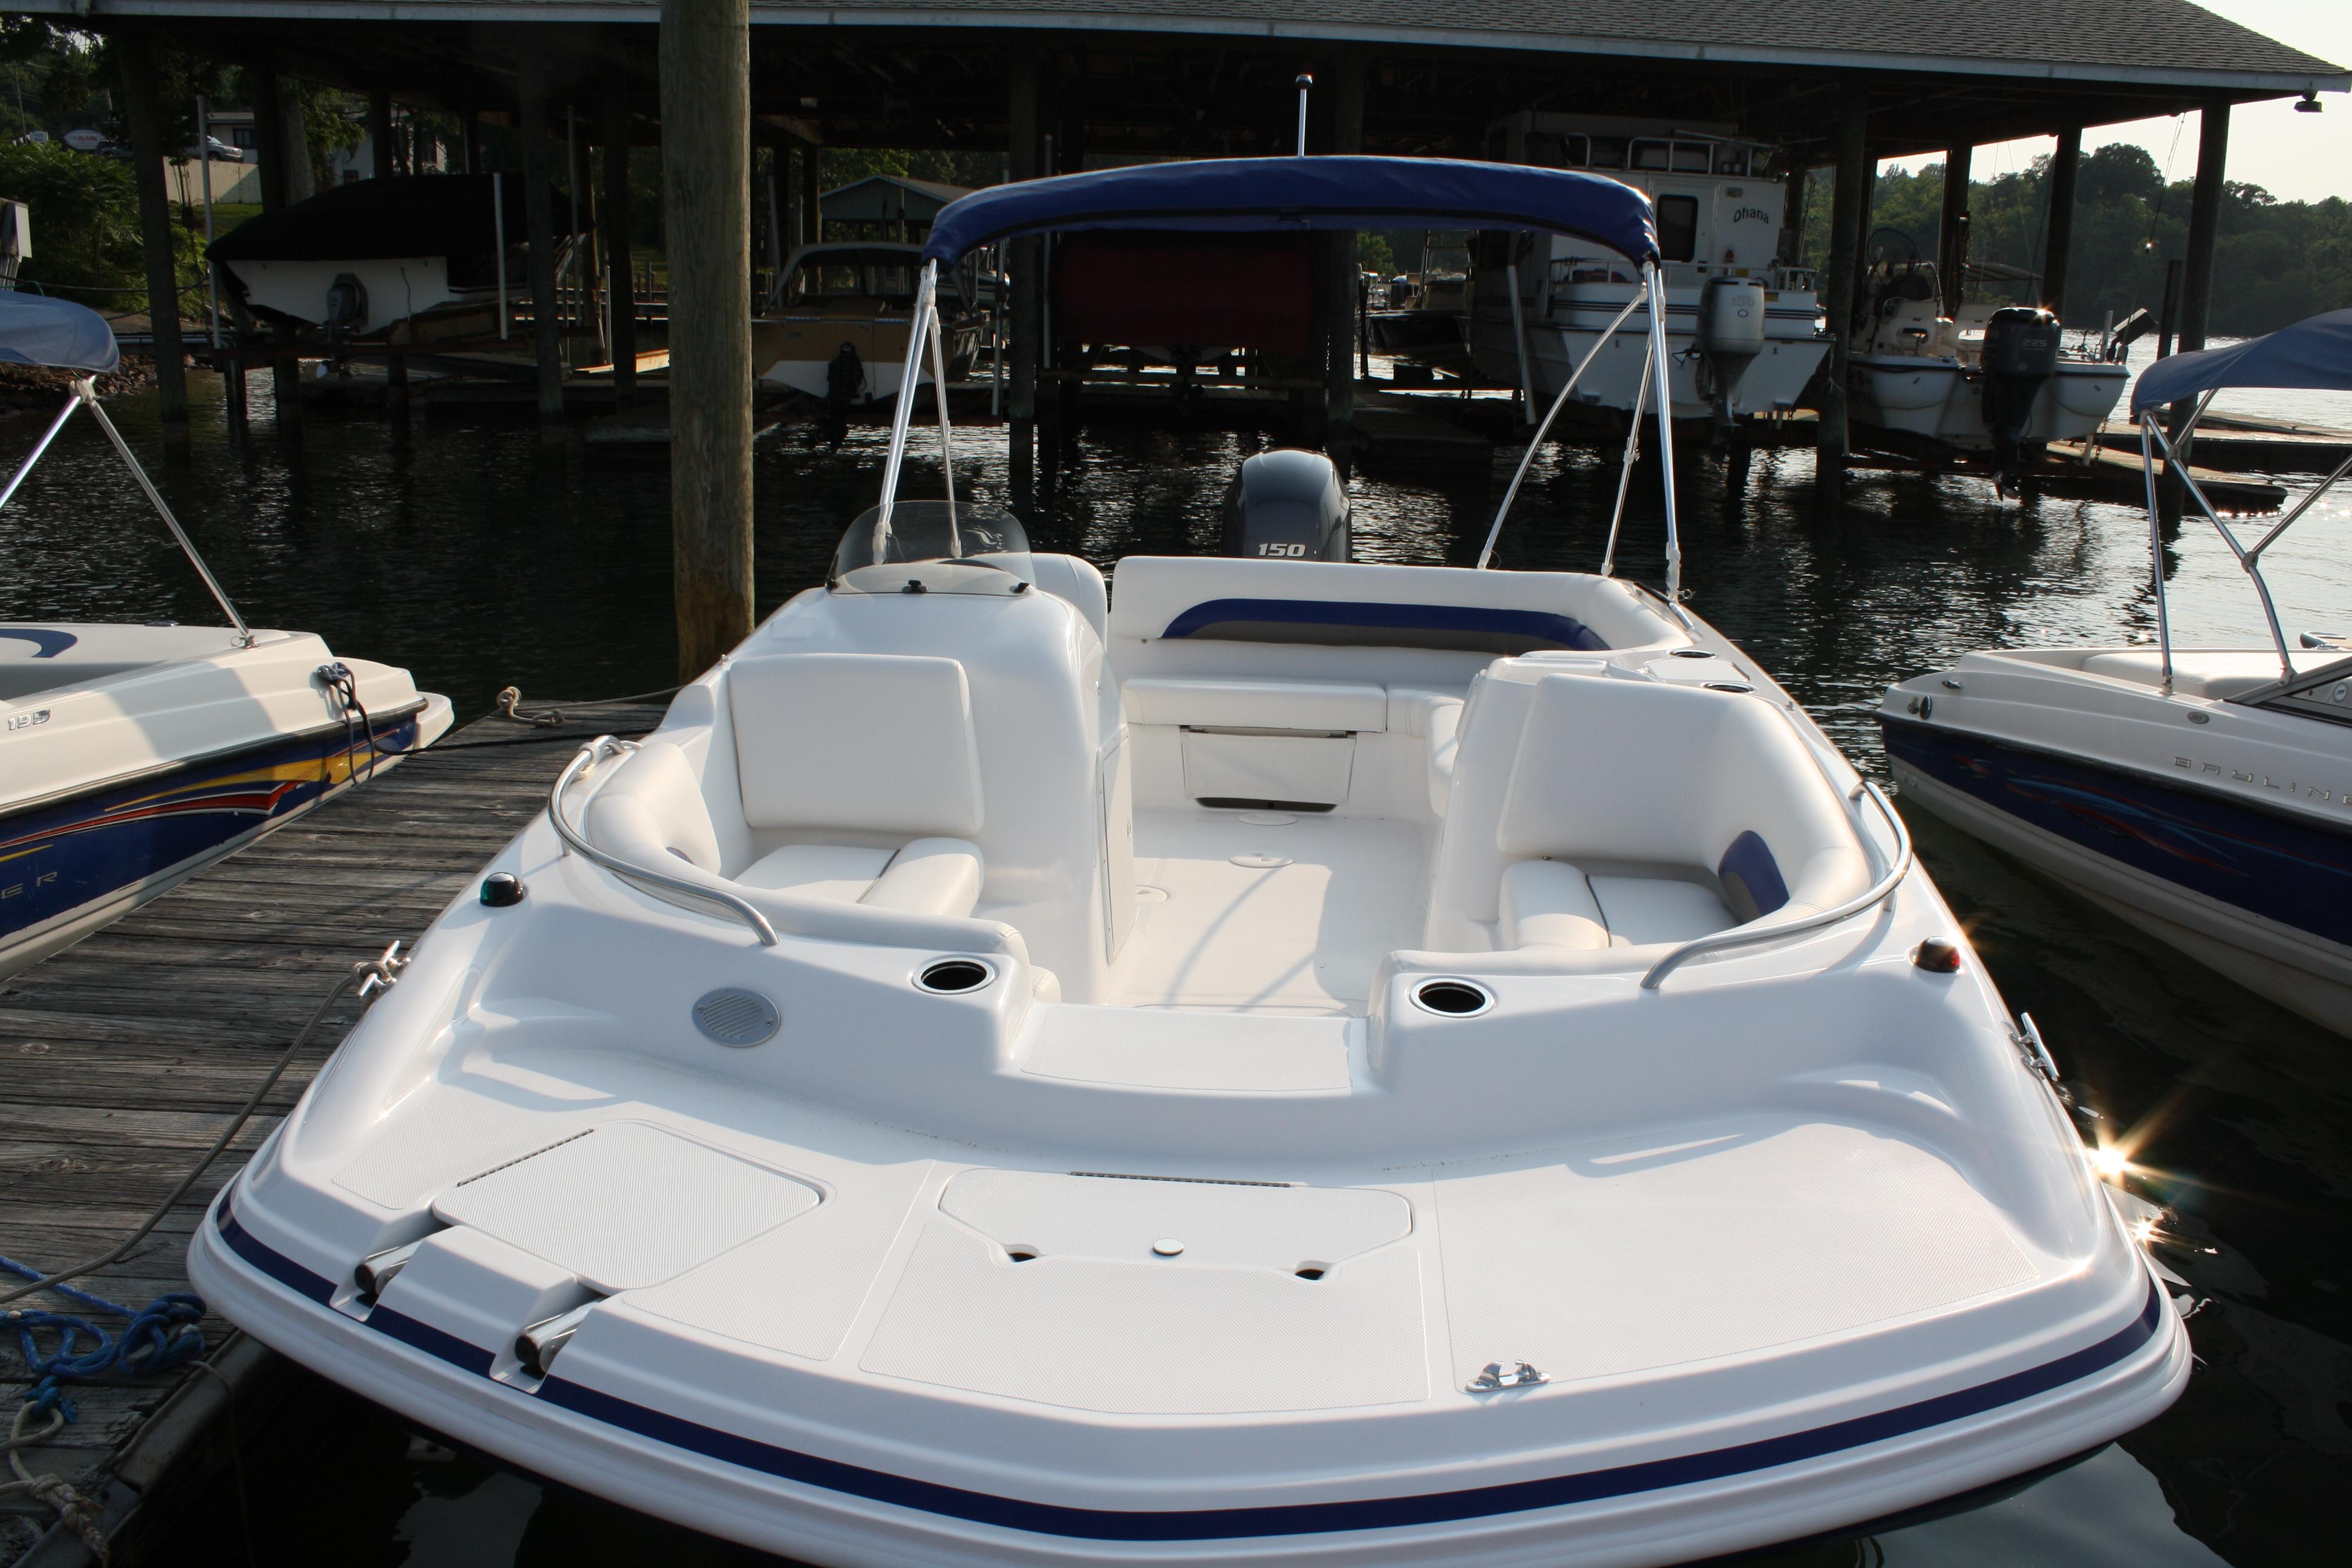 rentals  pontoon  u0026 pleasure boats  u0026 jet ski u2019s